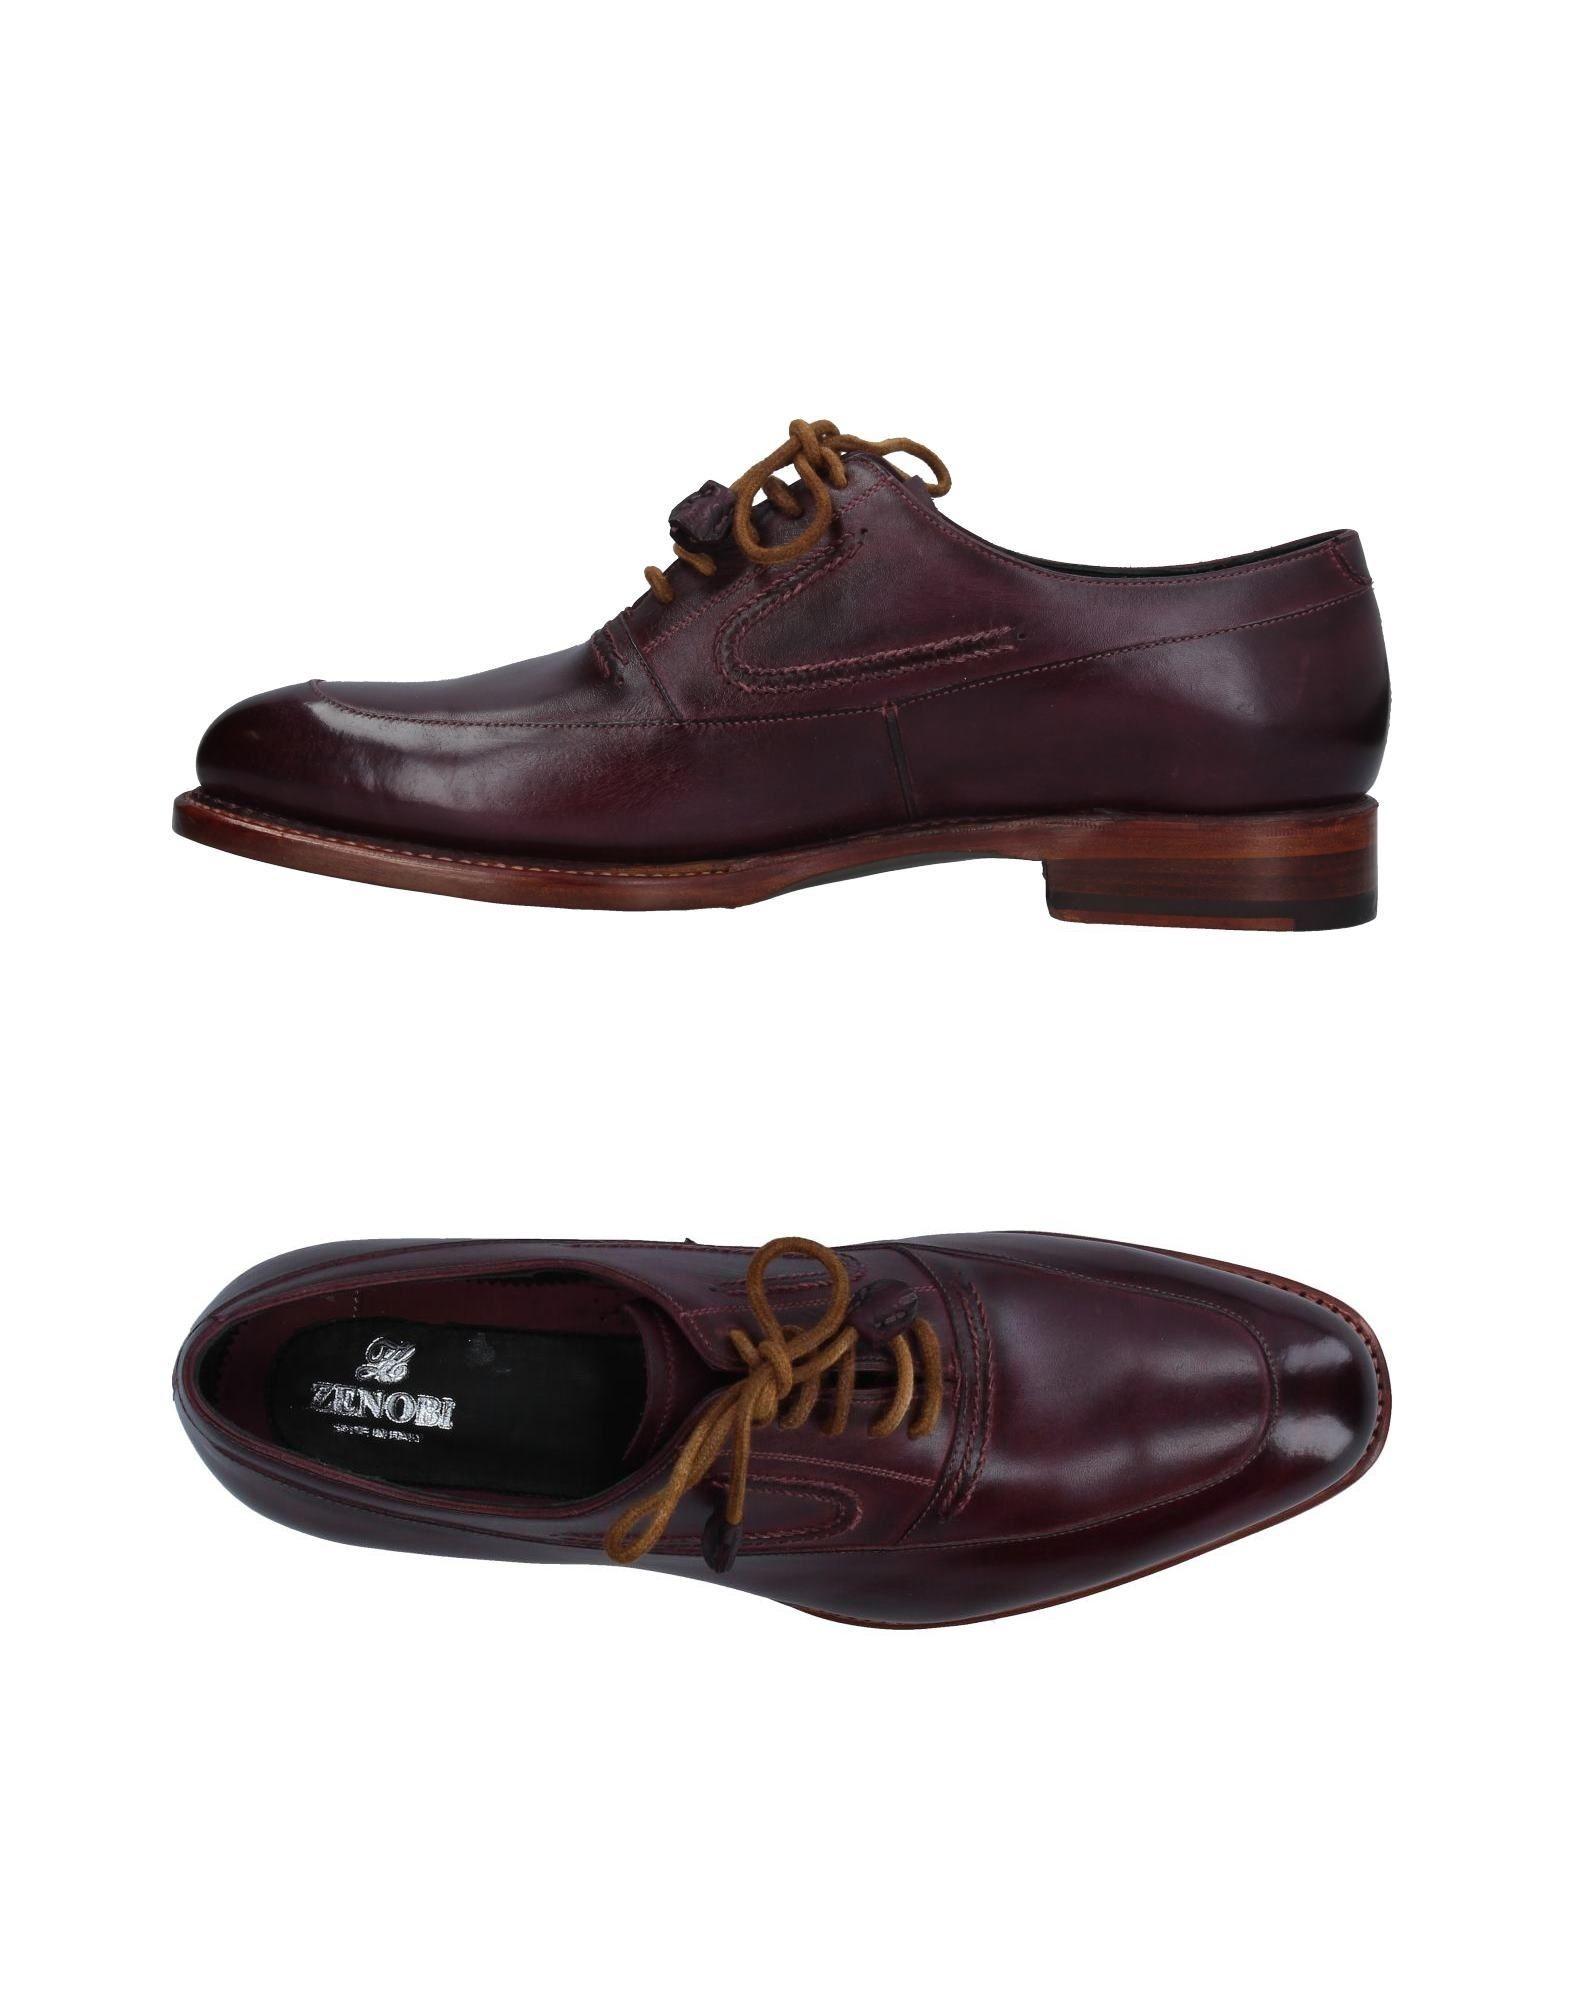 Zenobi Schnürschuhe Herren  11314553UP Gute Qualität beliebte Schuhe